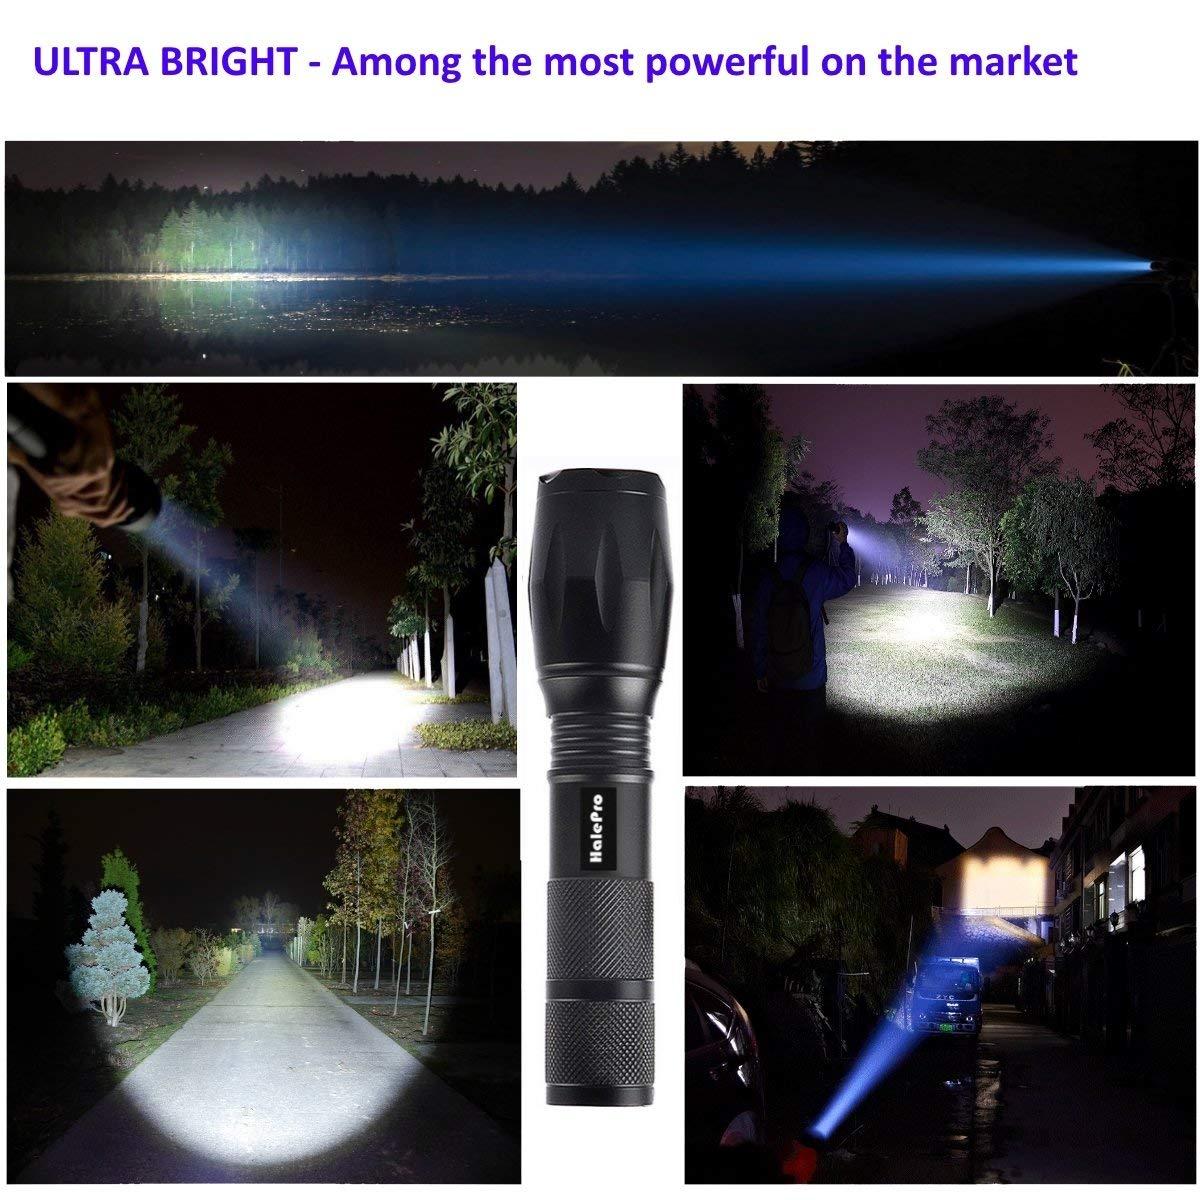 Meilleure Lampe Torche Led Rechargeable Et Puissante Testeur Du